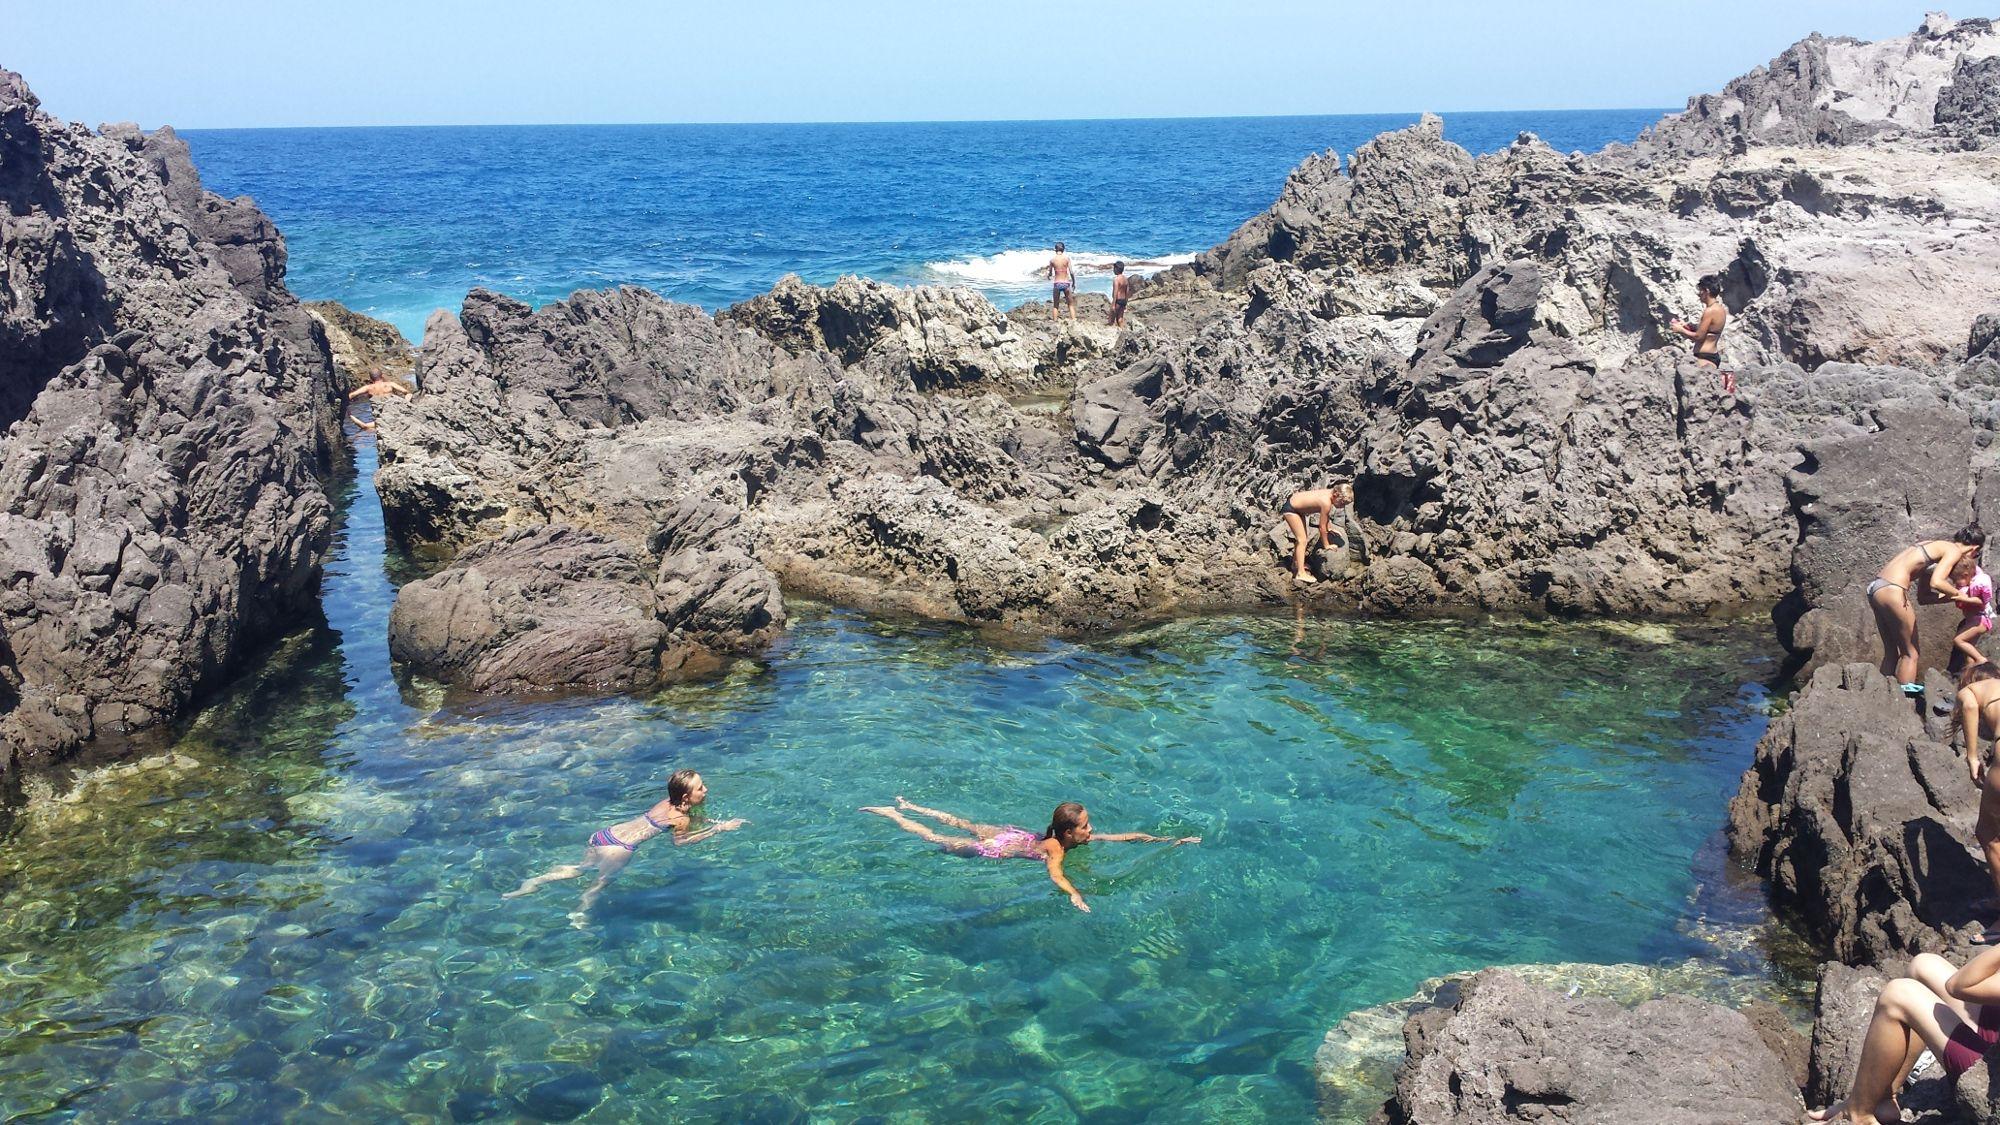 la piscina naturale alla localit Nasca sullisola di san